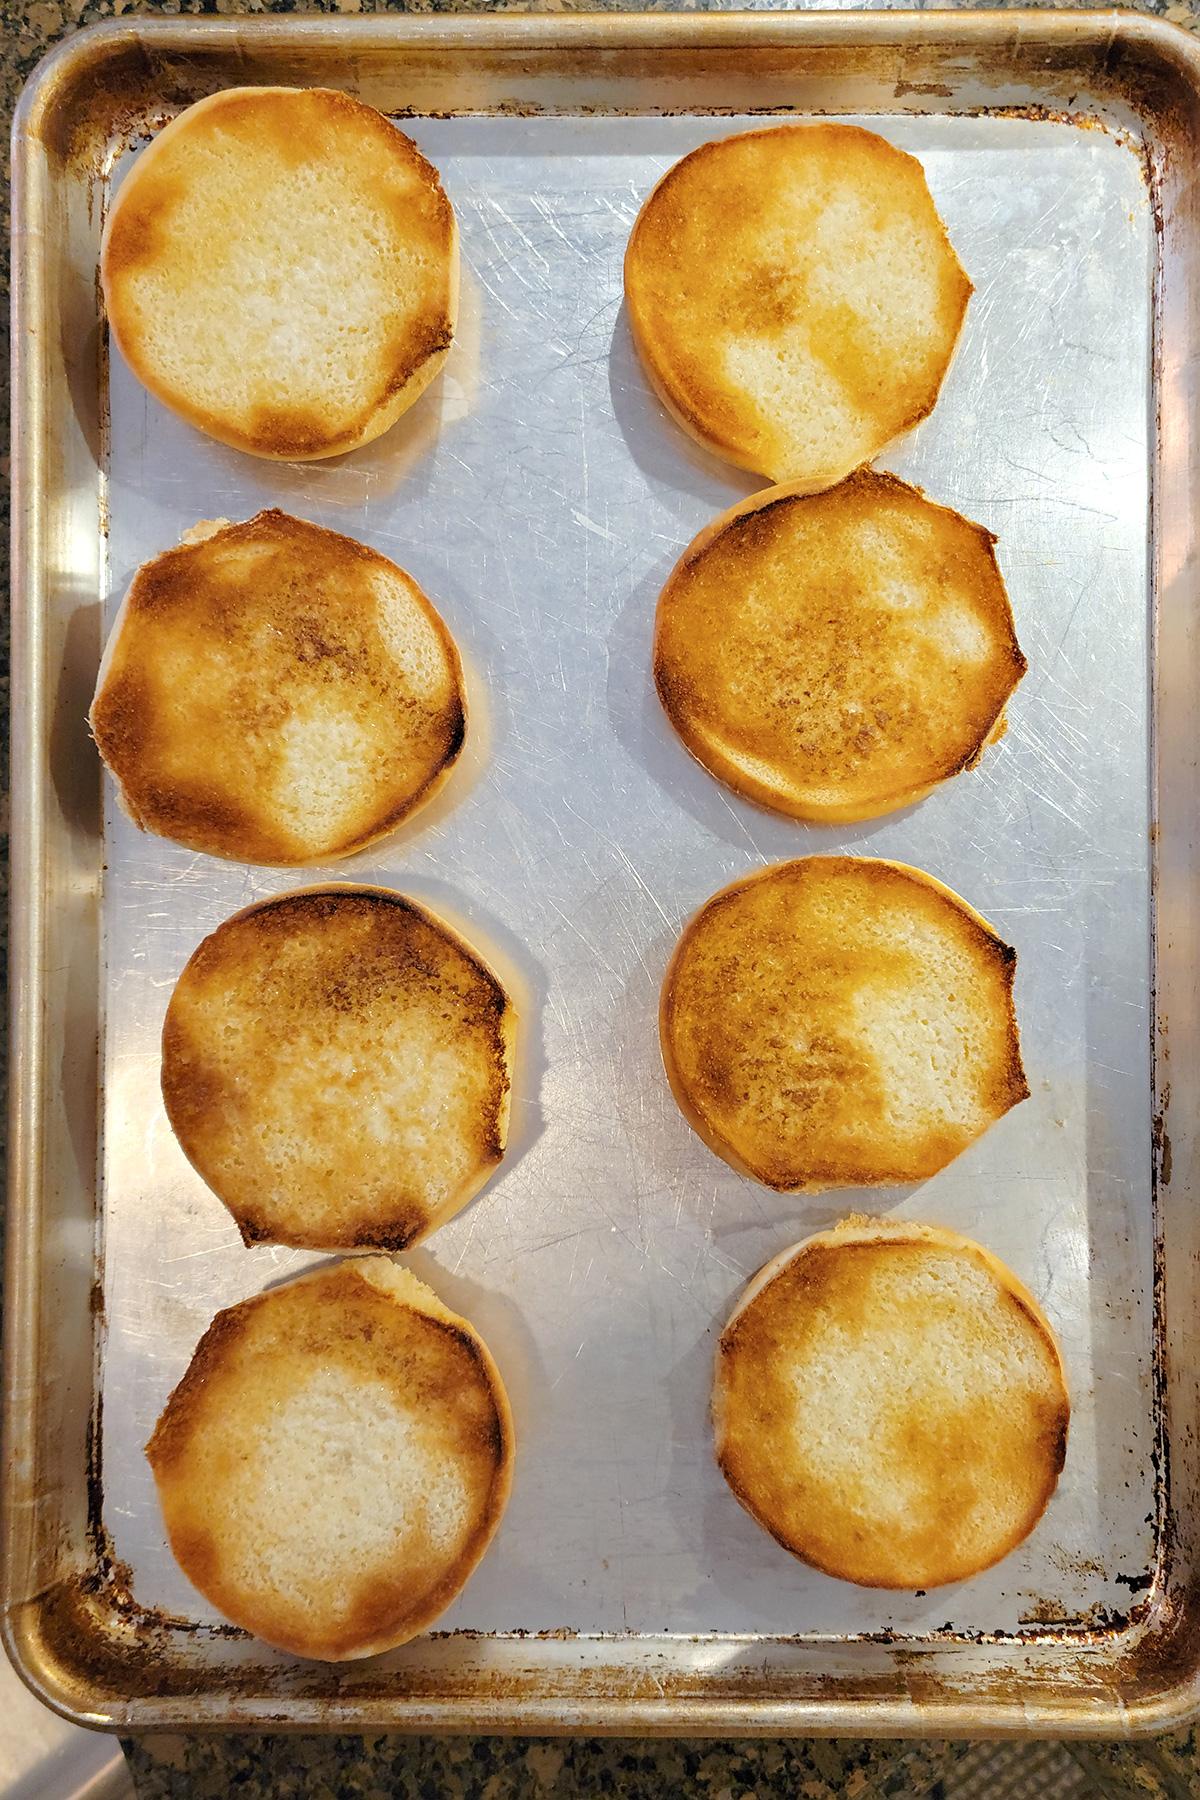 Hamburger buns on a baking sheet after toasting.